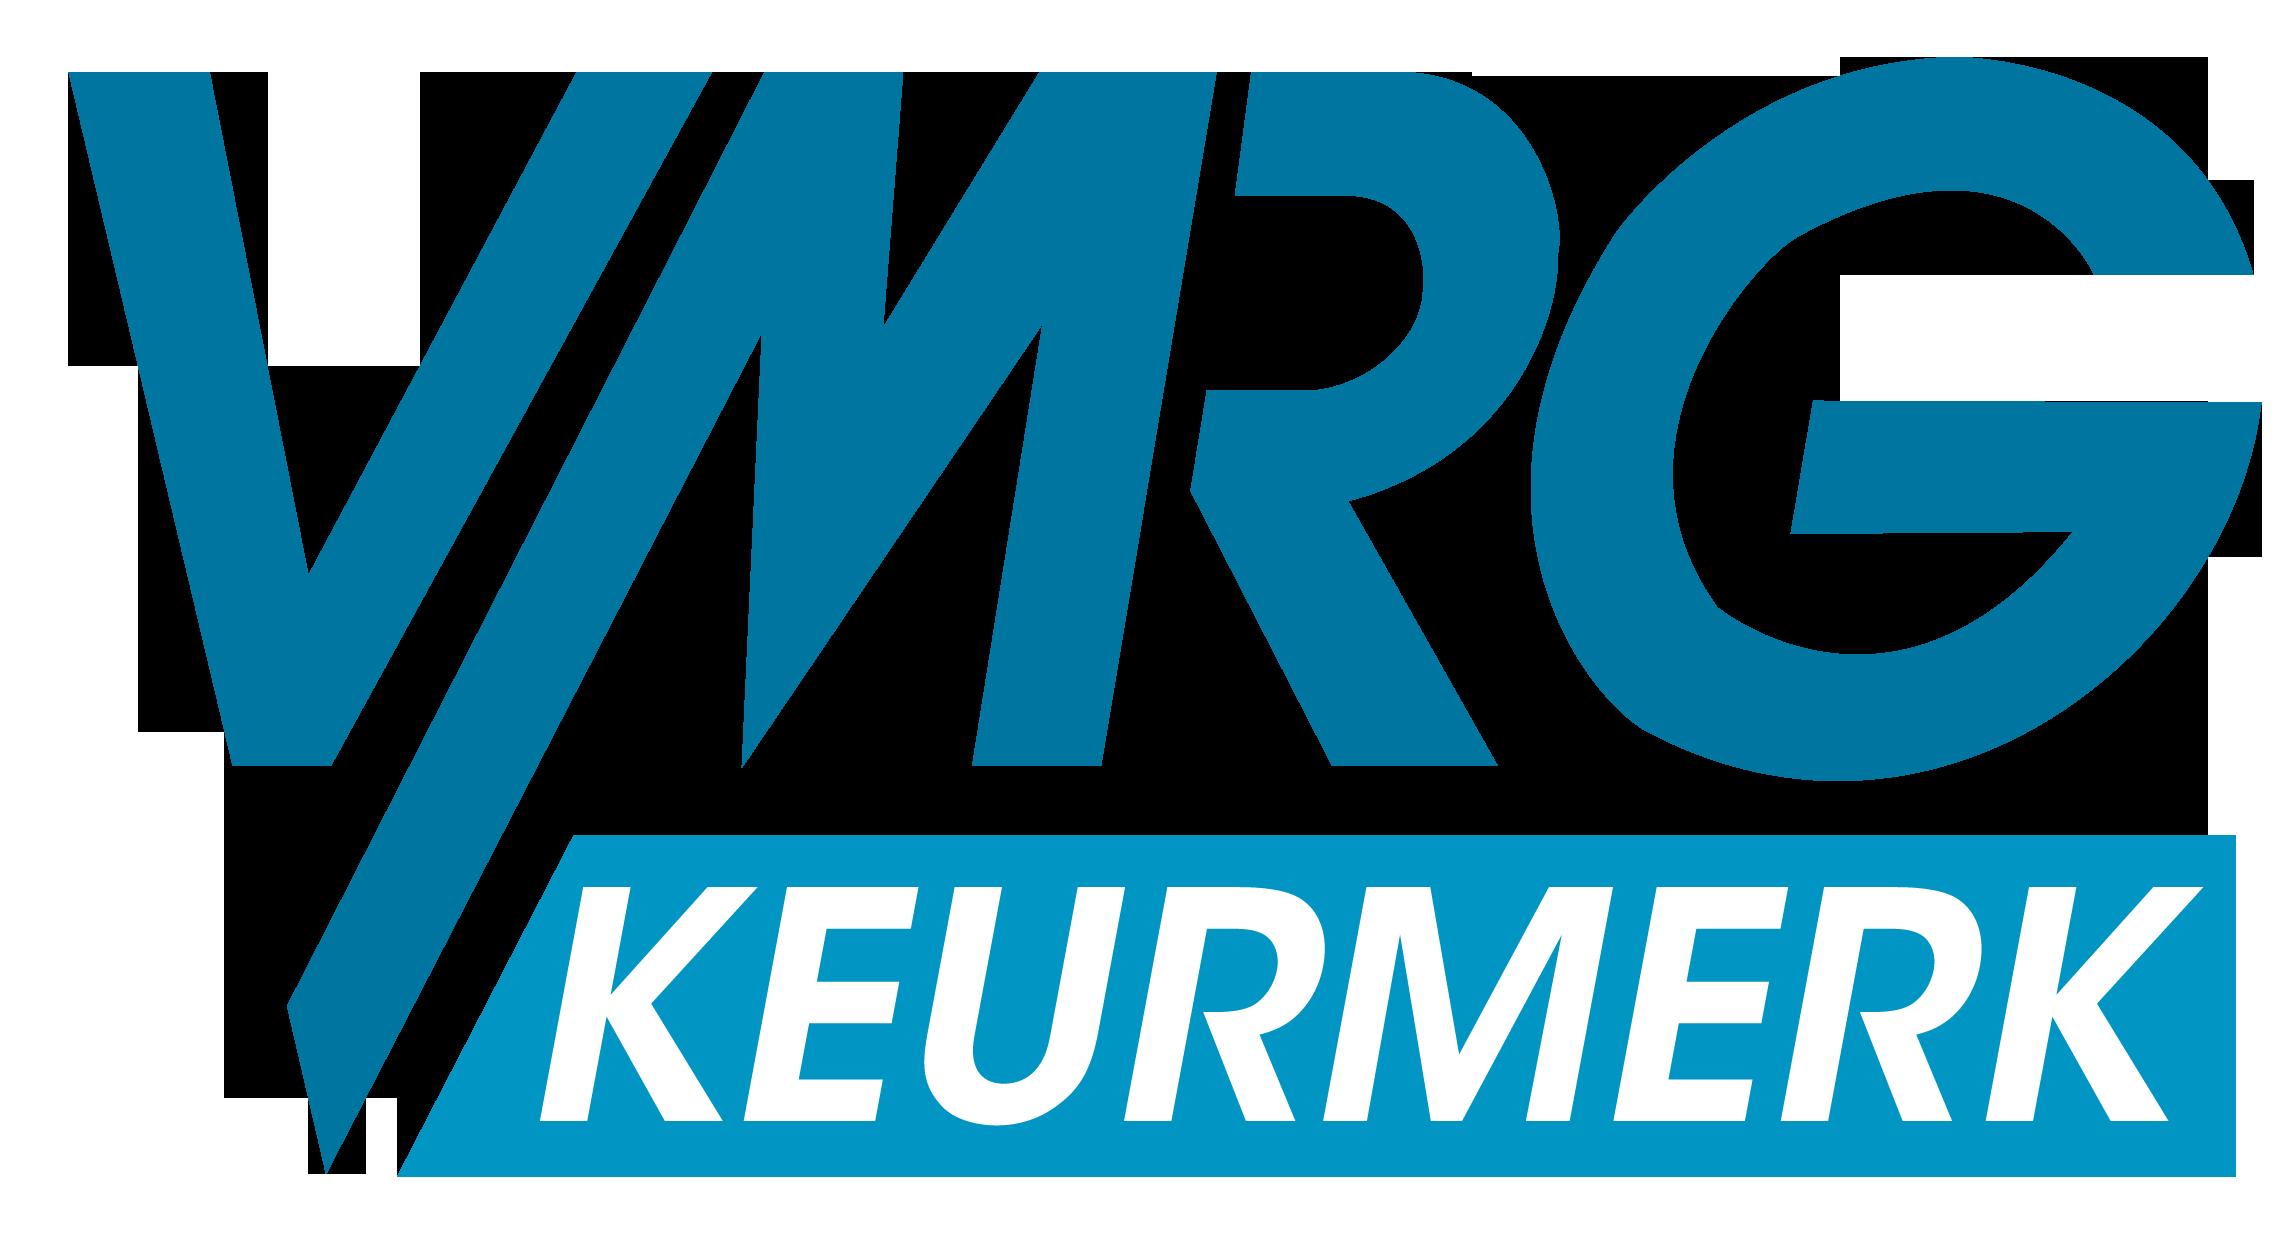 VMRG-Keurmerk met transparante achtergrond (high res)